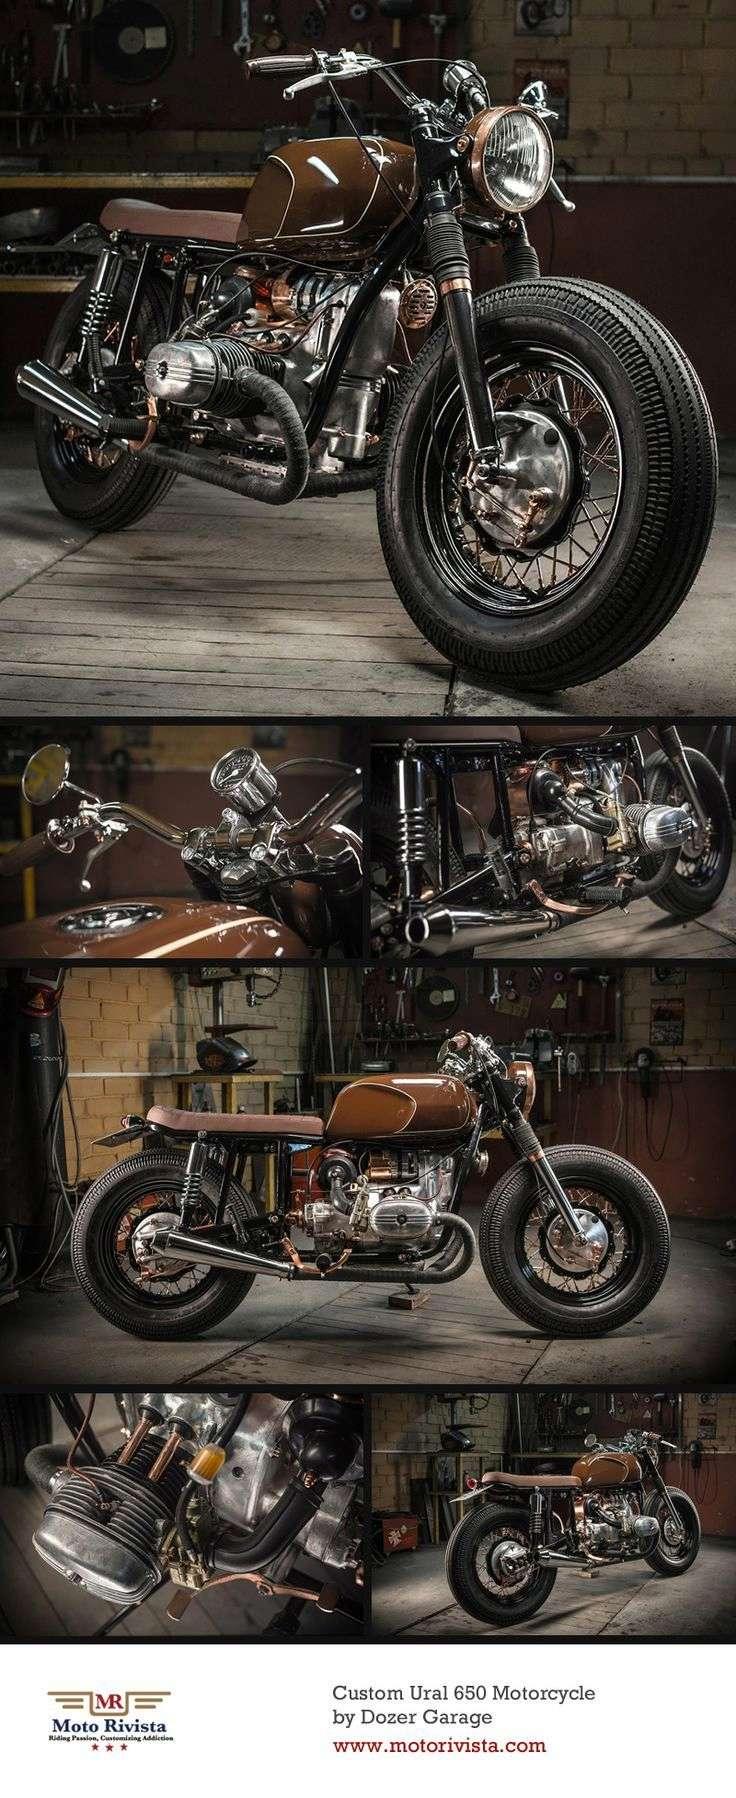 PHOTOS - BMW - Bobber, Cafe Racer et autres... - Page 14 Tumblr60